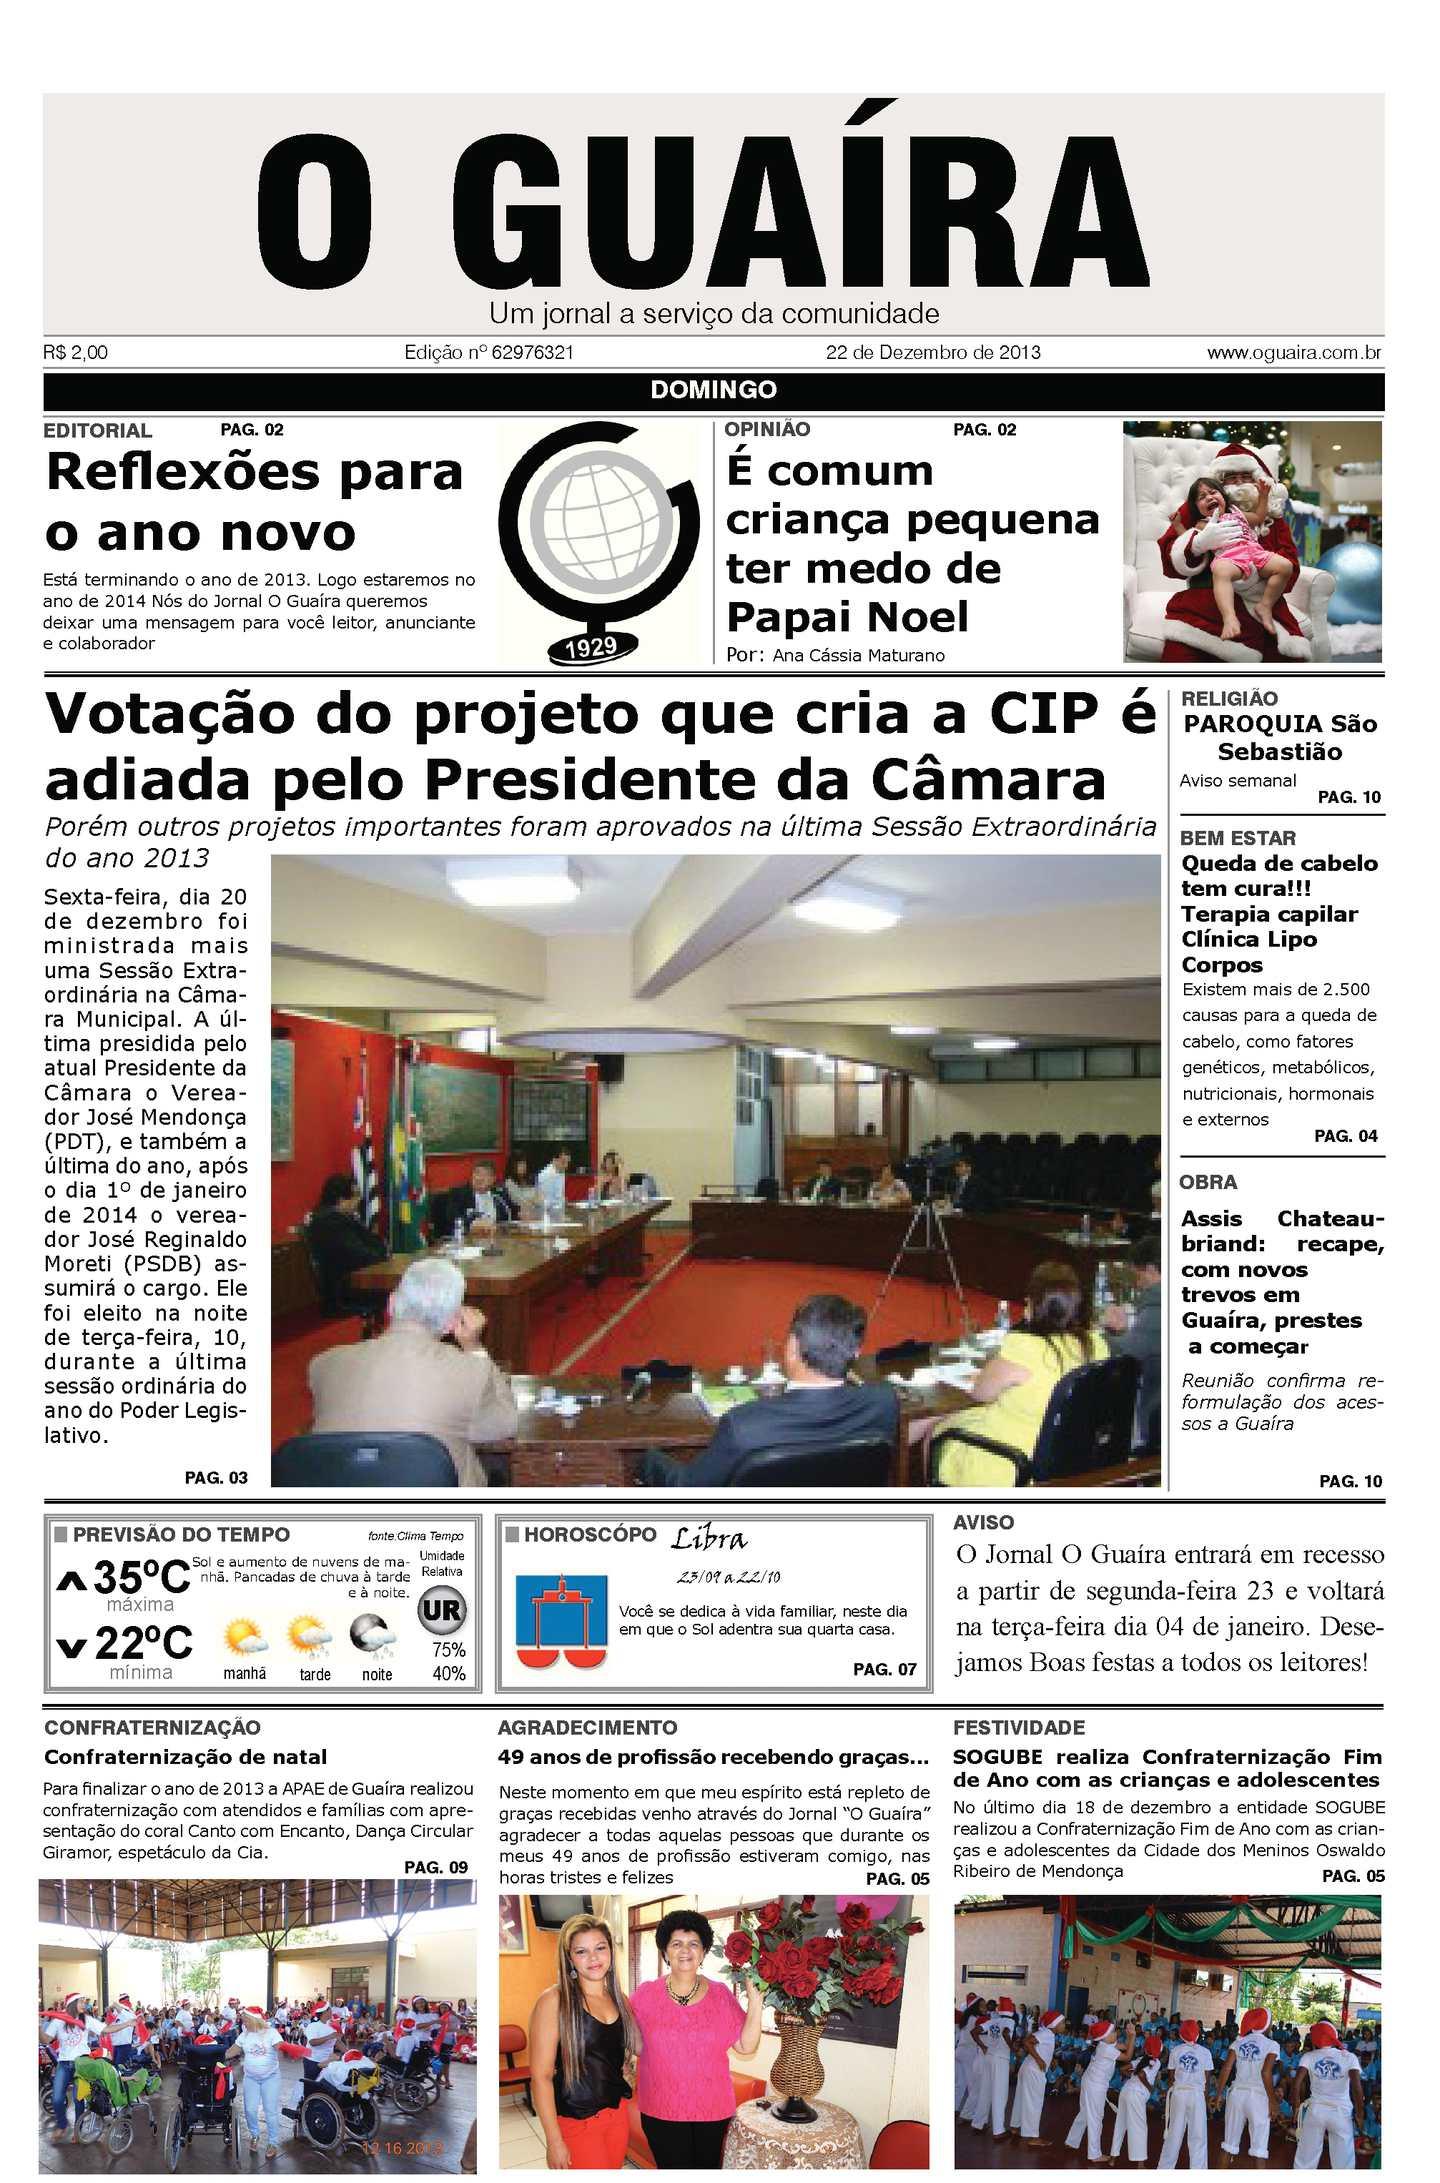 Calaméo - Jornal O Guaíra de 22 de dezembro de 2013 e2ed0c305f